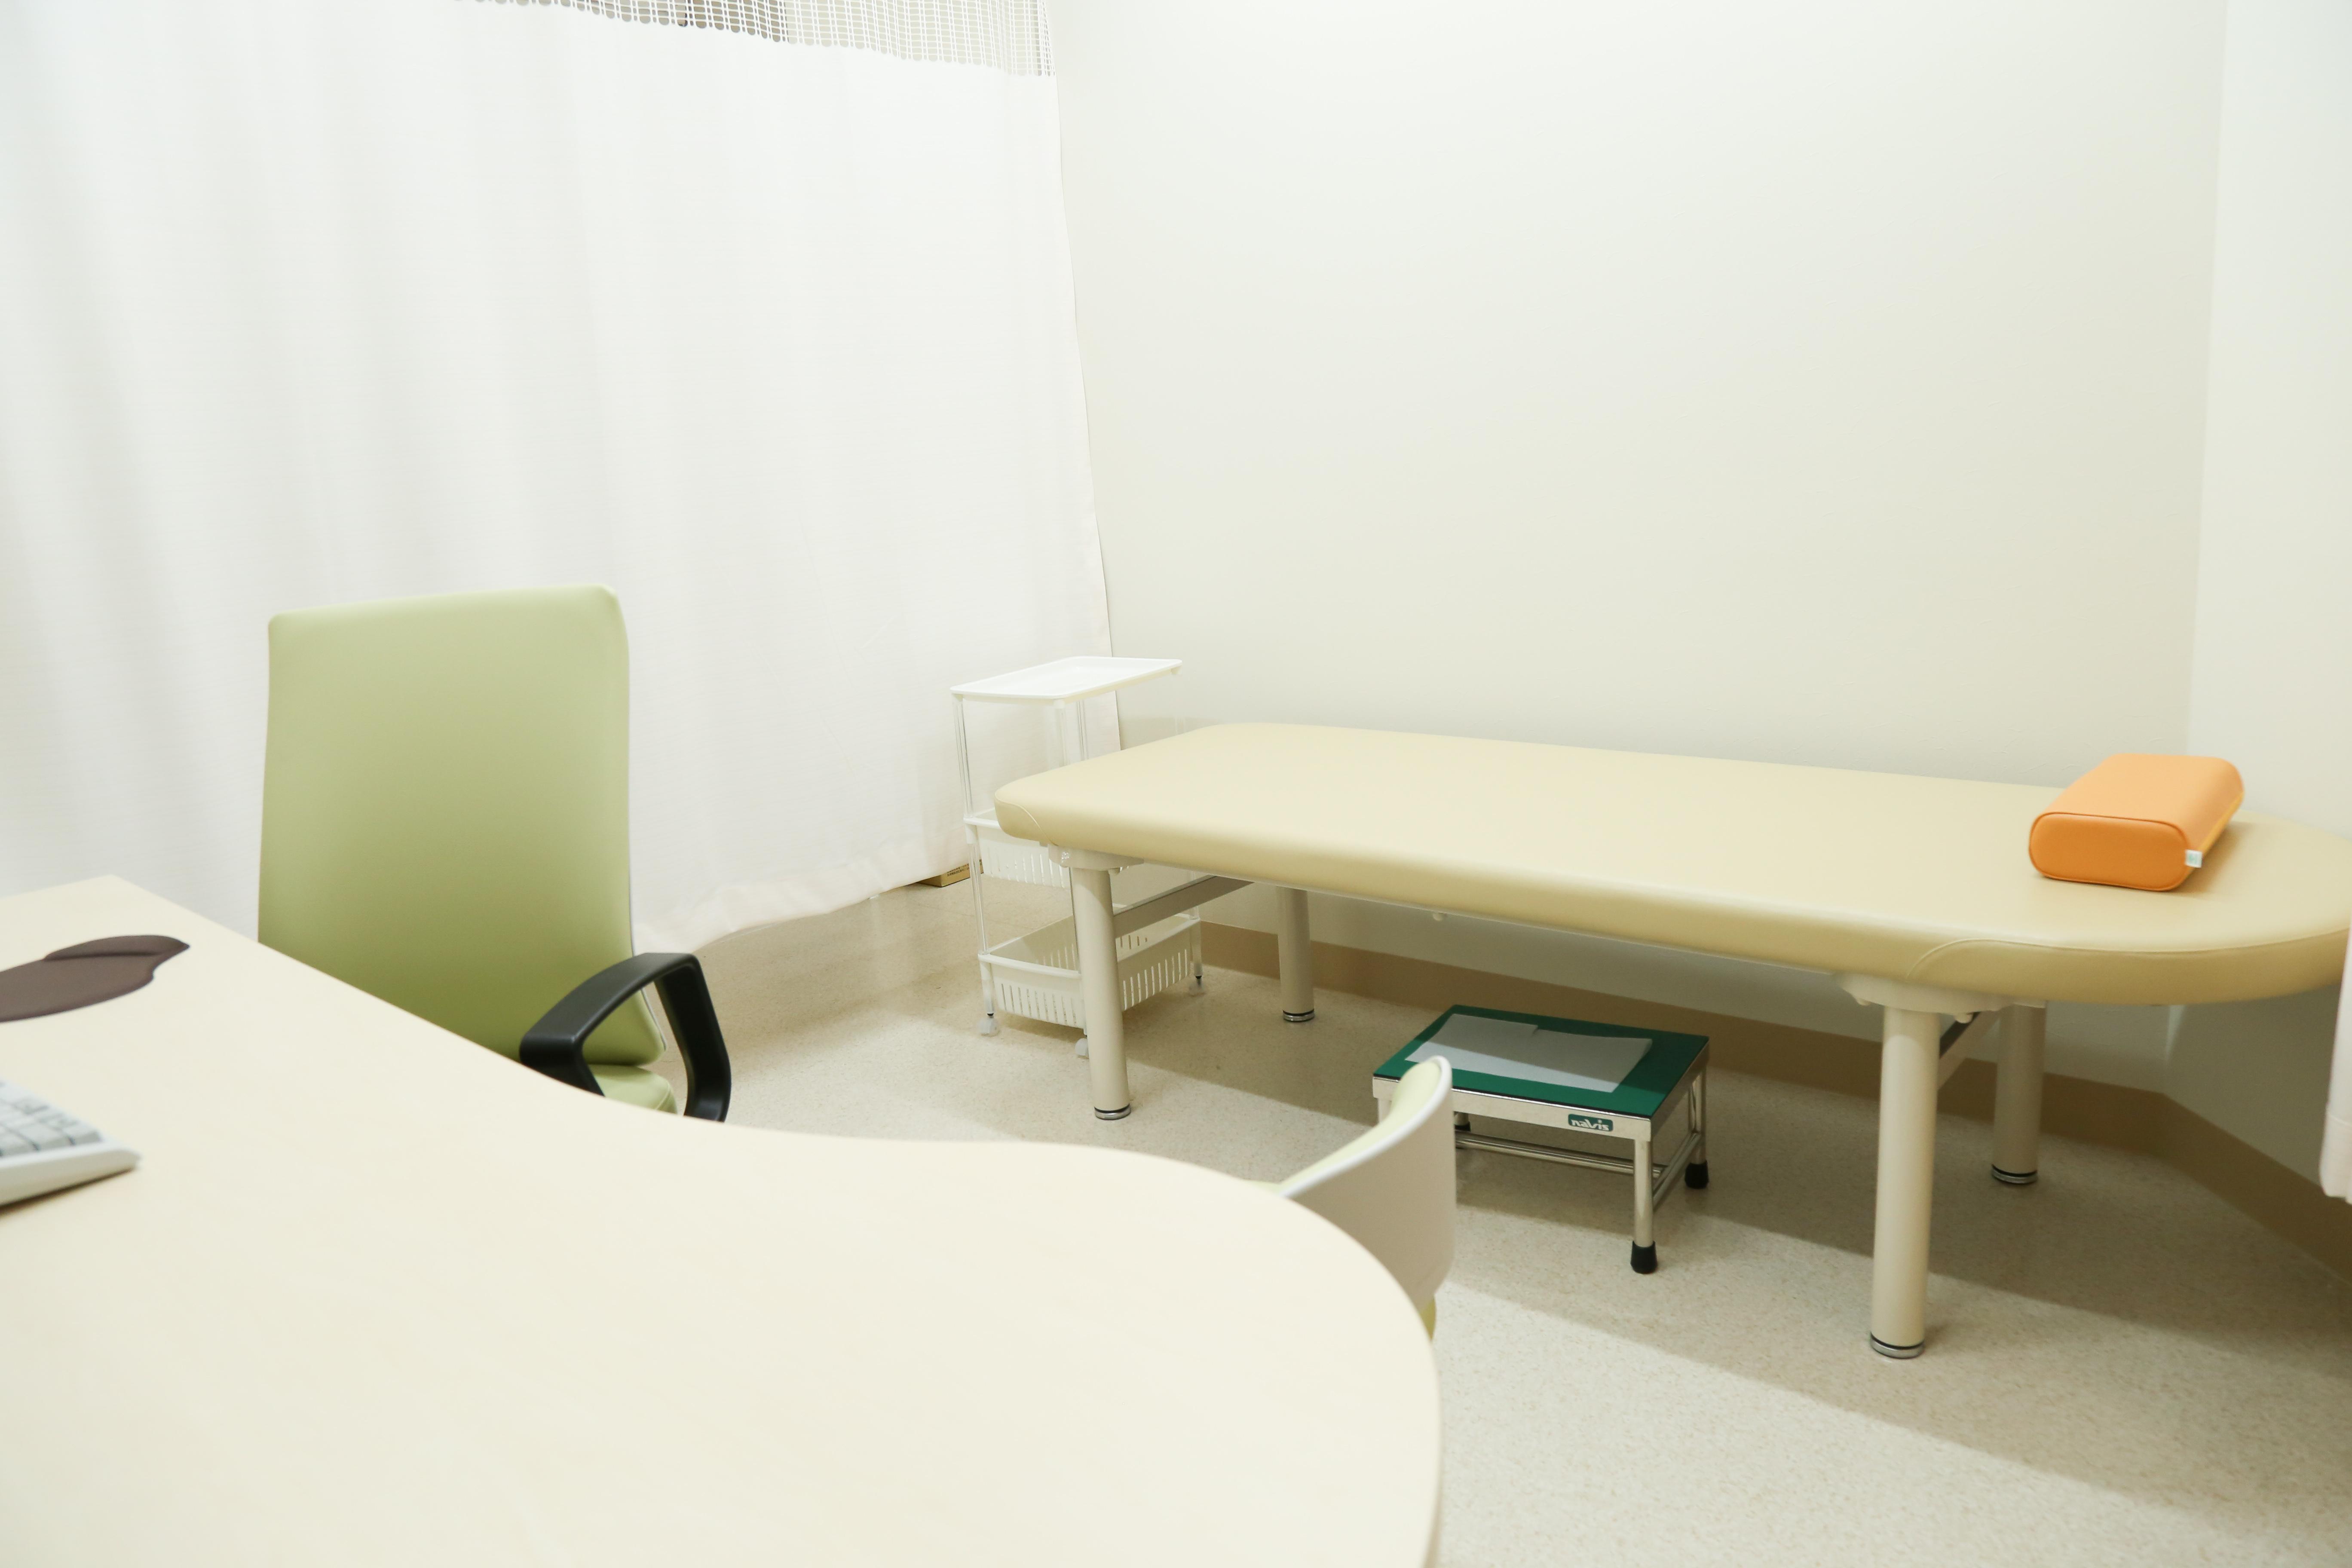 幅70センチ、長さ190センチの安定感のある診察台